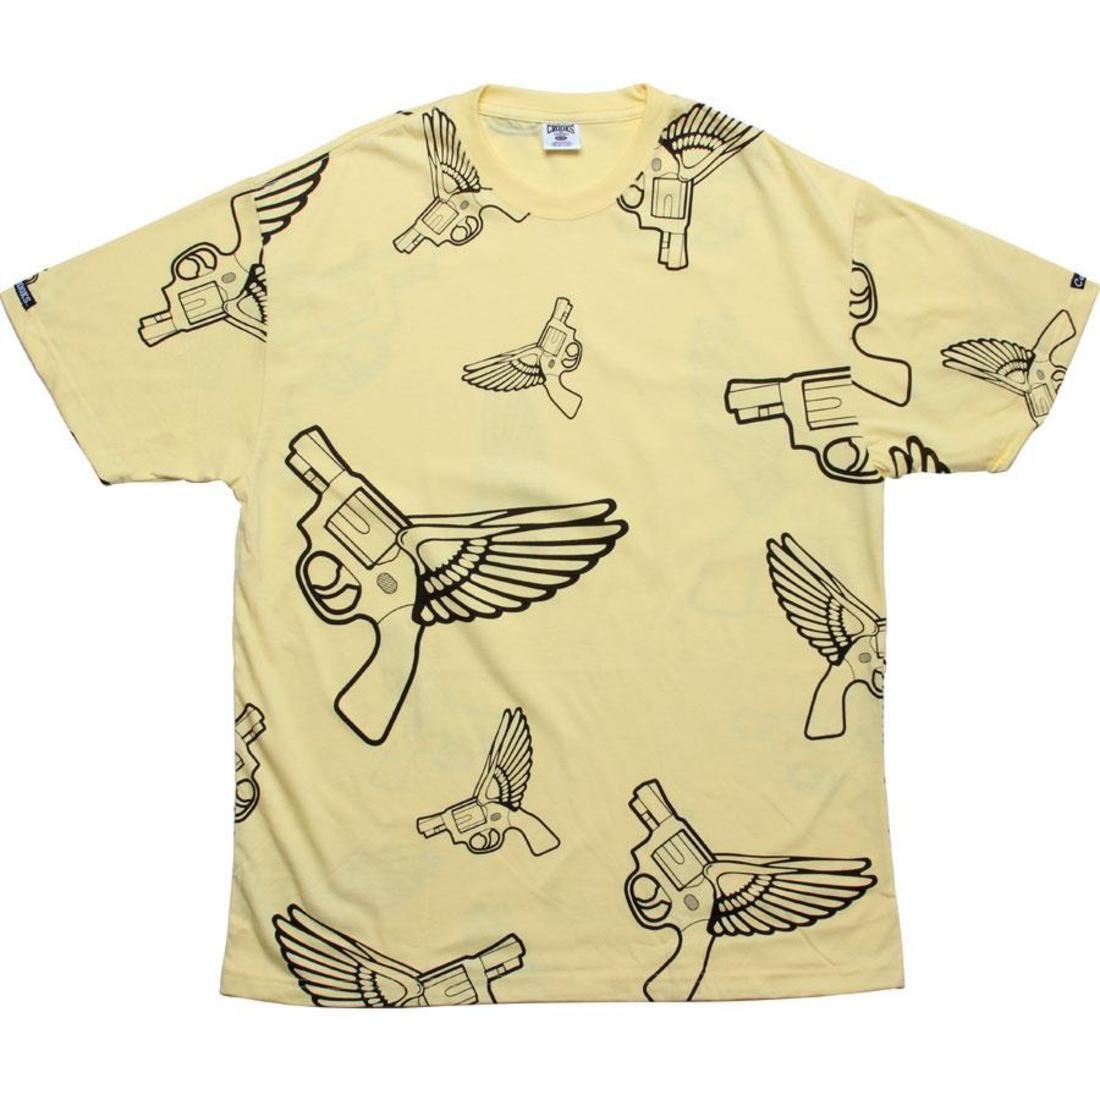 【海外限定】Tシャツ トップス カットソー 【 CROOKS AND CASTLES FLYING GUN TEE CANARY 】